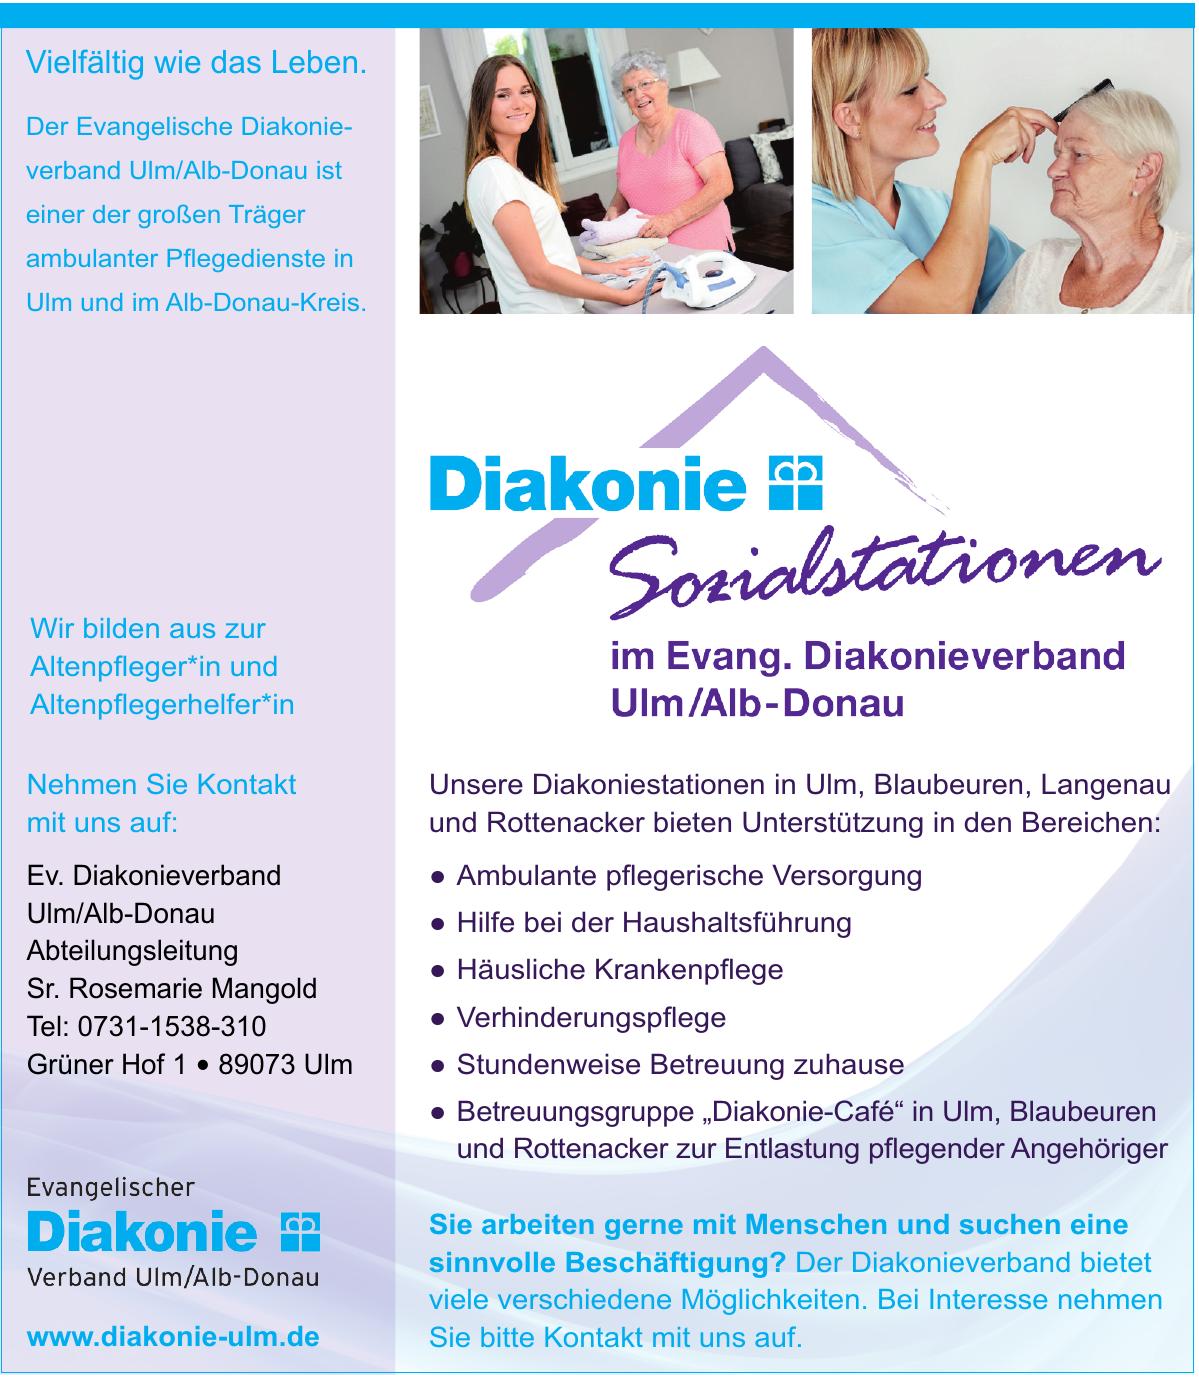 Evangelischer Diakonieverband Ulm/Alb-Donau